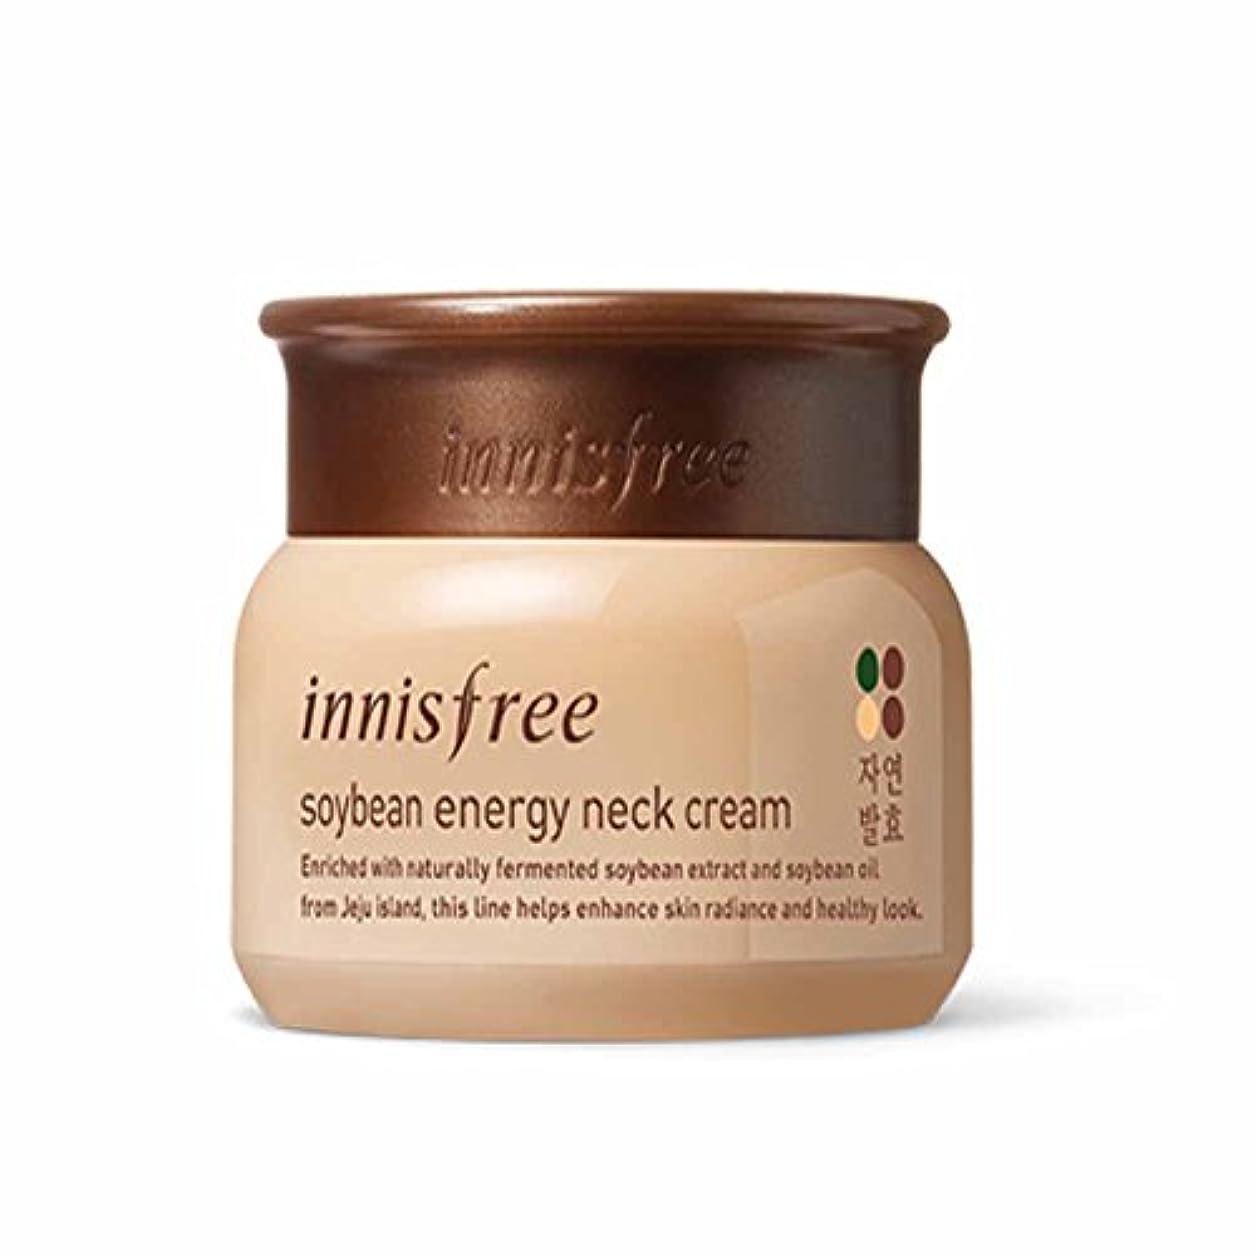 インペリアル敏感な申請中イニスフリーソーイングエナジーネッククリーム80ml / Innisfree Soybean Energy Neck Cream 80ml[海外直送品] [並行輸入品]